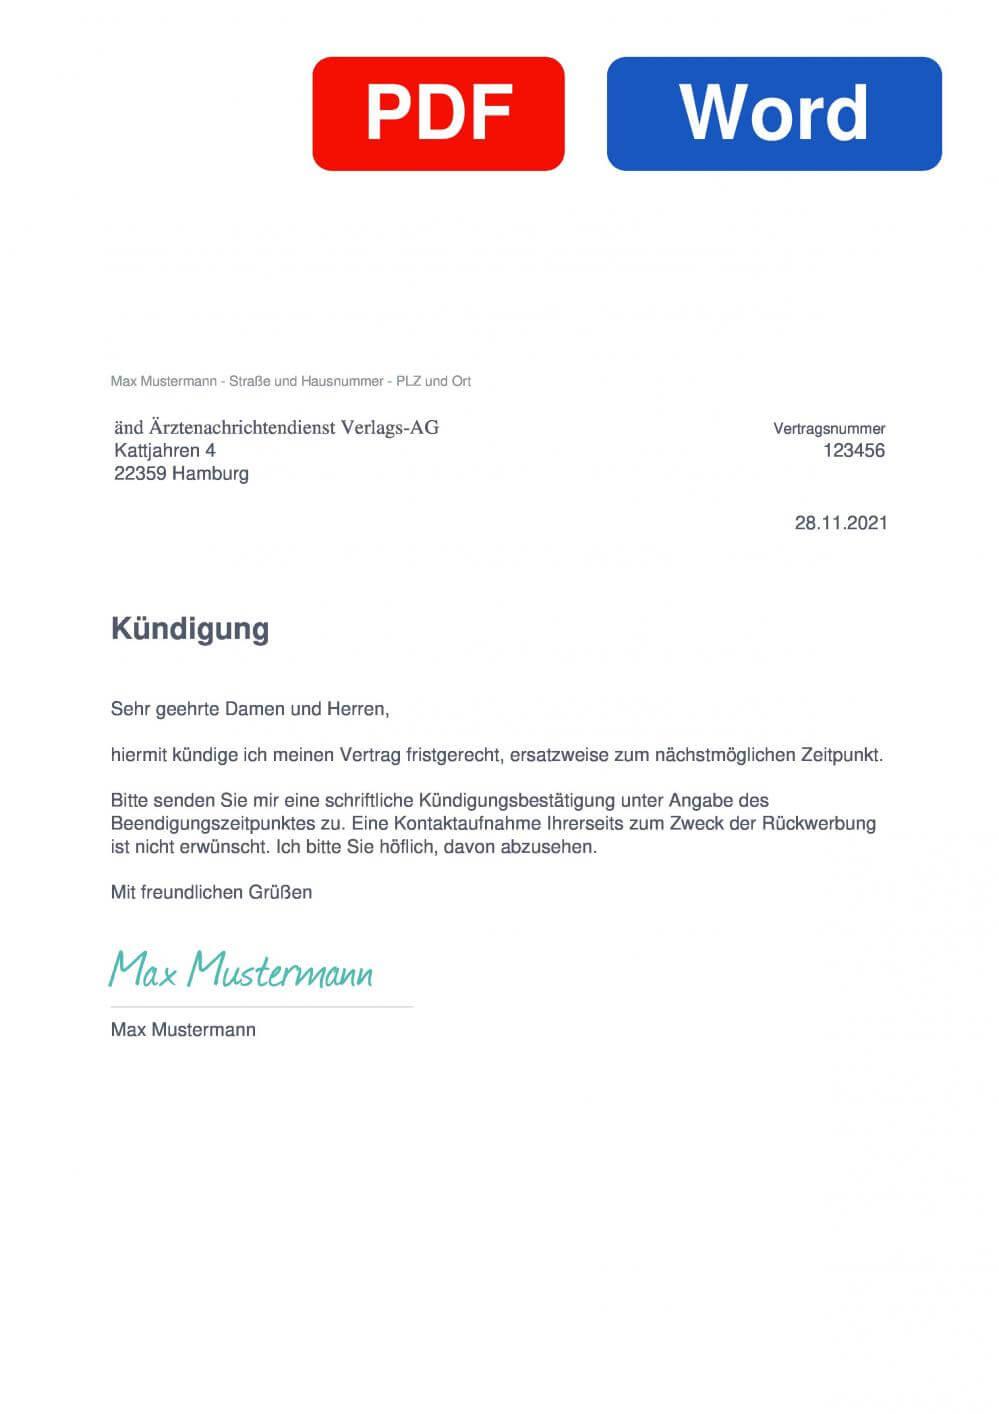 Hausarzt Muster Vorlage für Kündigungsschreiben